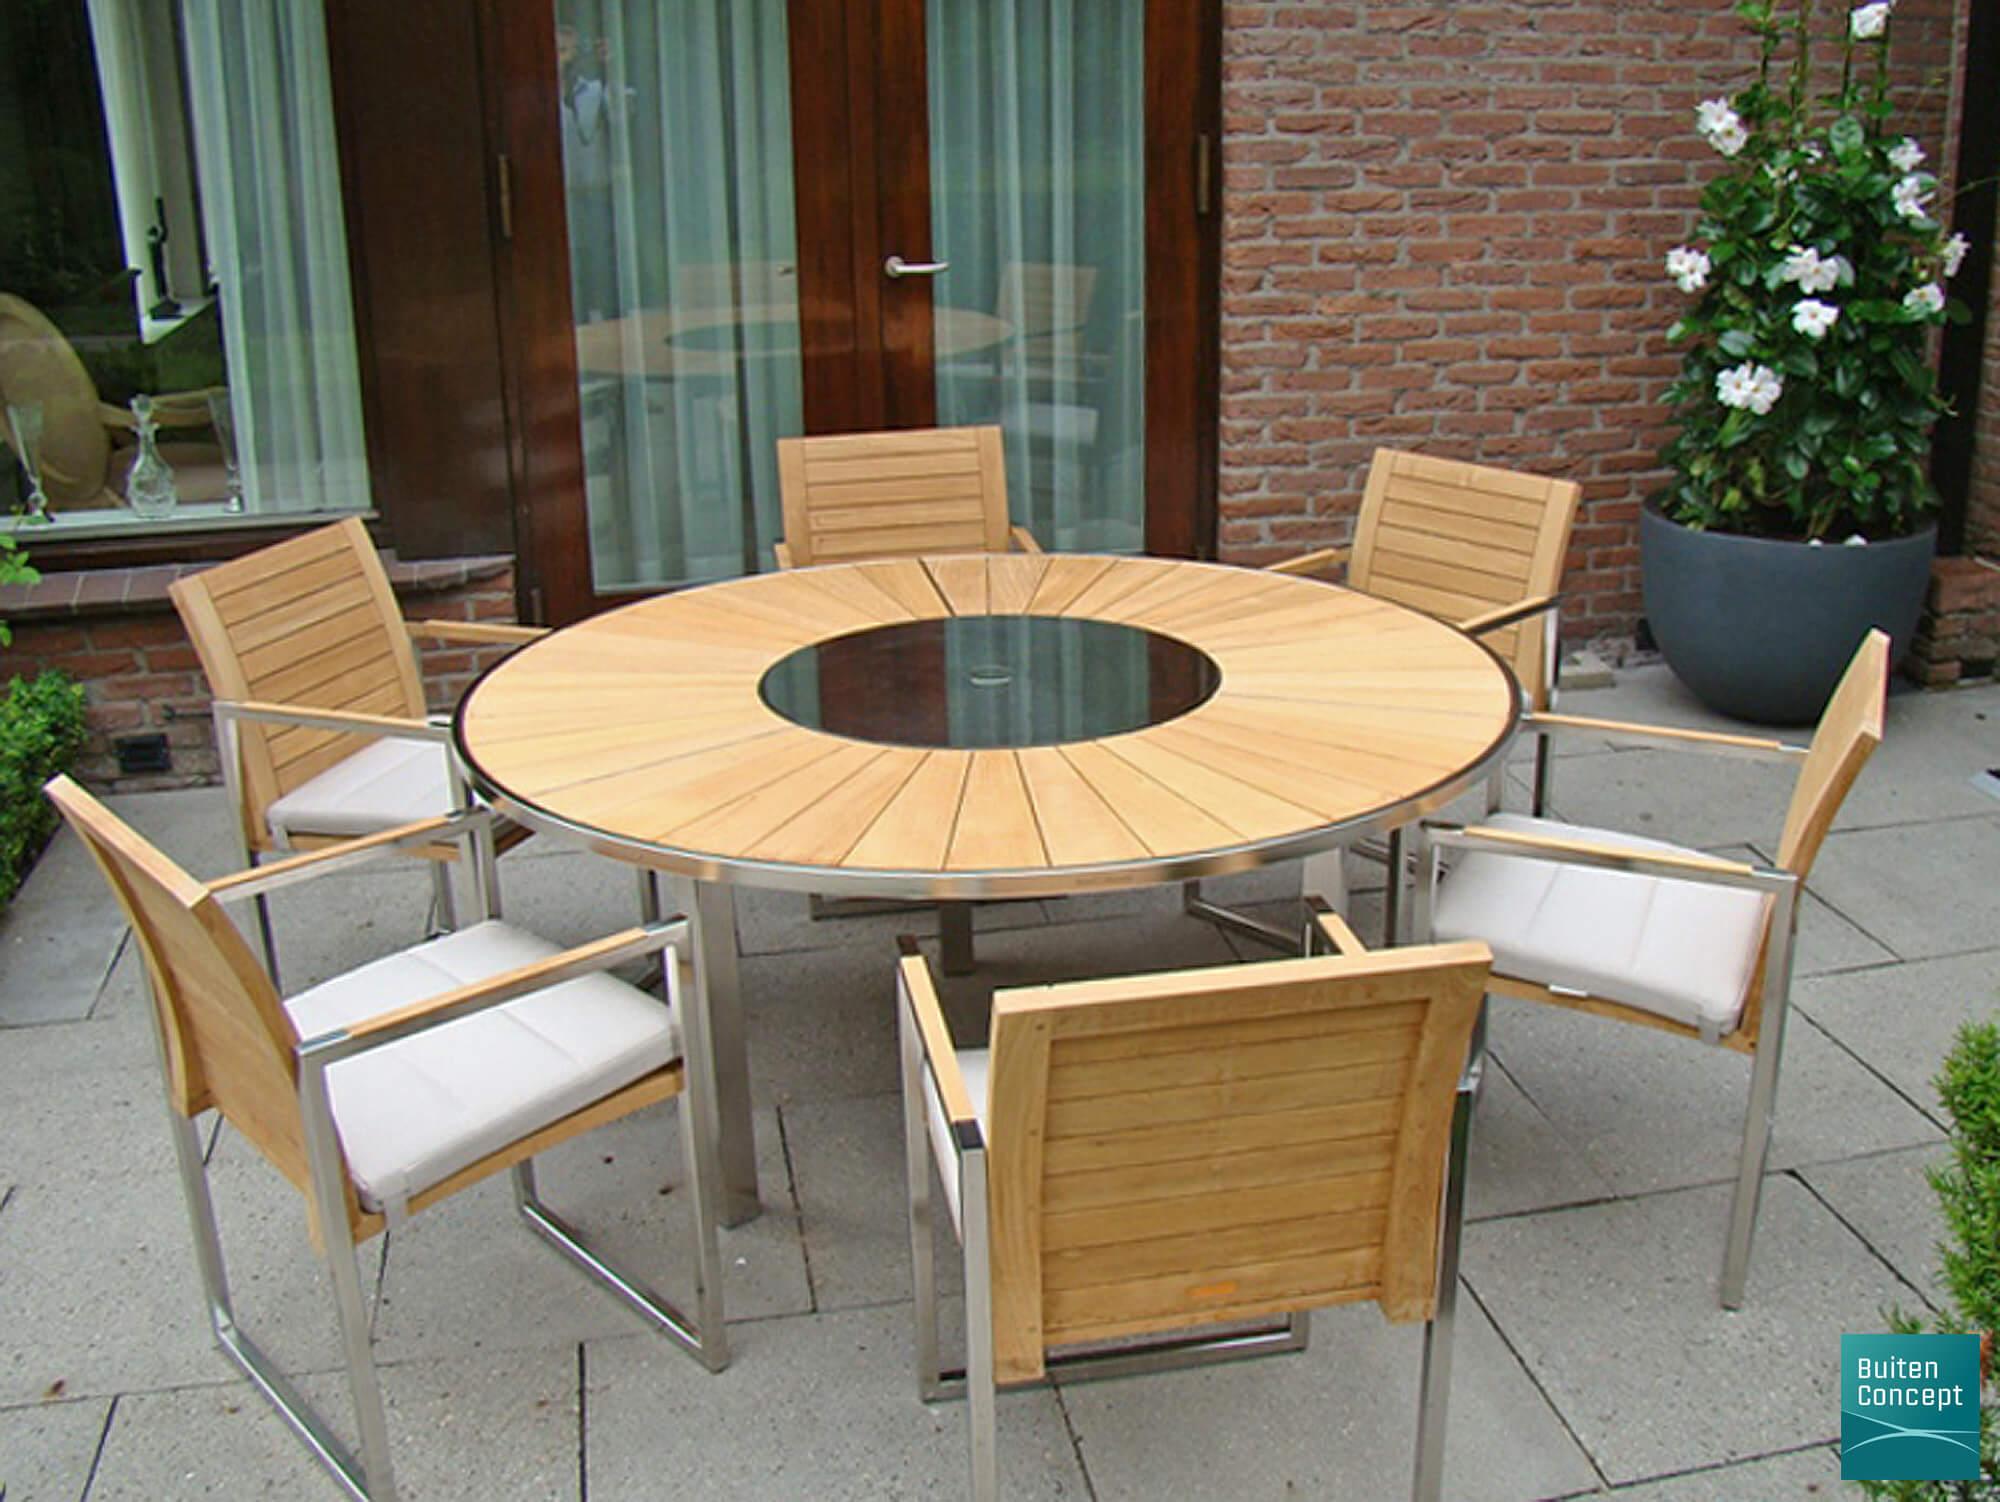 Buiten concept ernst baas tuininrichting design for Buiten stoelen